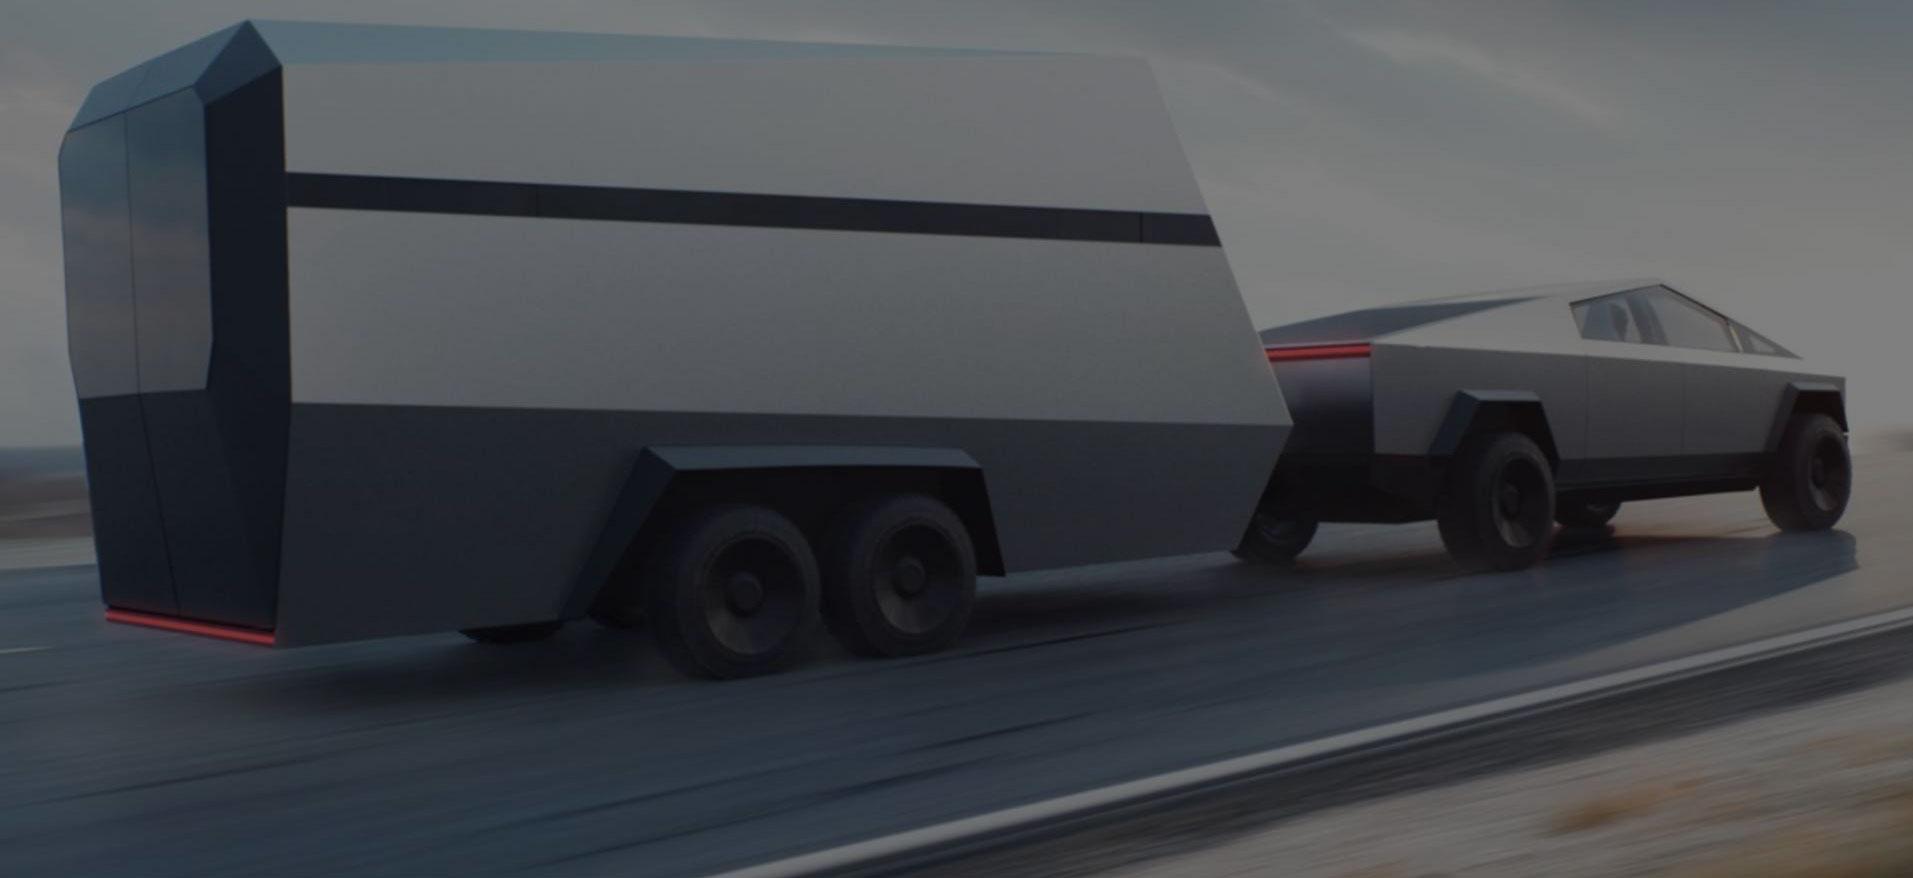 Végre lehullott a lepel a Tesla Pickup-ról